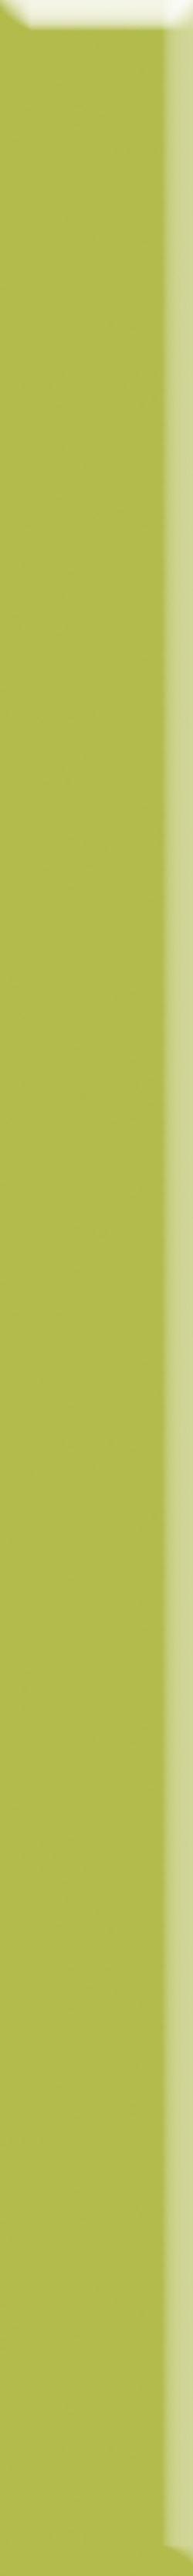 Paradyż Uniwersalna Listwa Szklana Seledyn